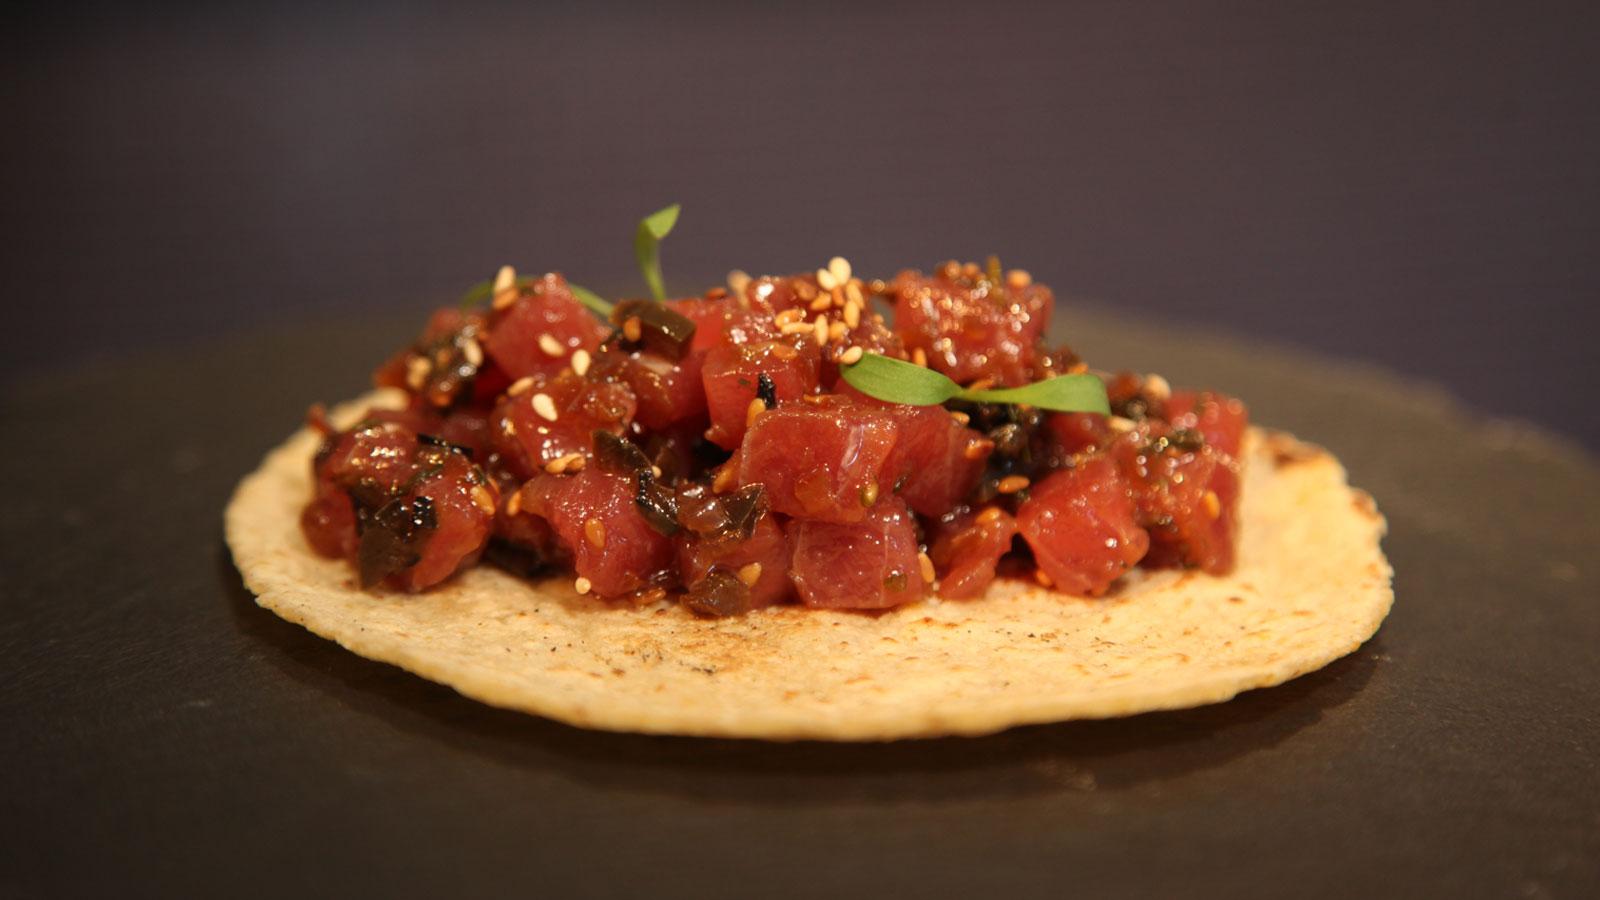 Tacos De Atún Rojo De Almadraba Salsa De Chile Serrano Y Limón Verde El Rey Del Pincho T2 Ep 27